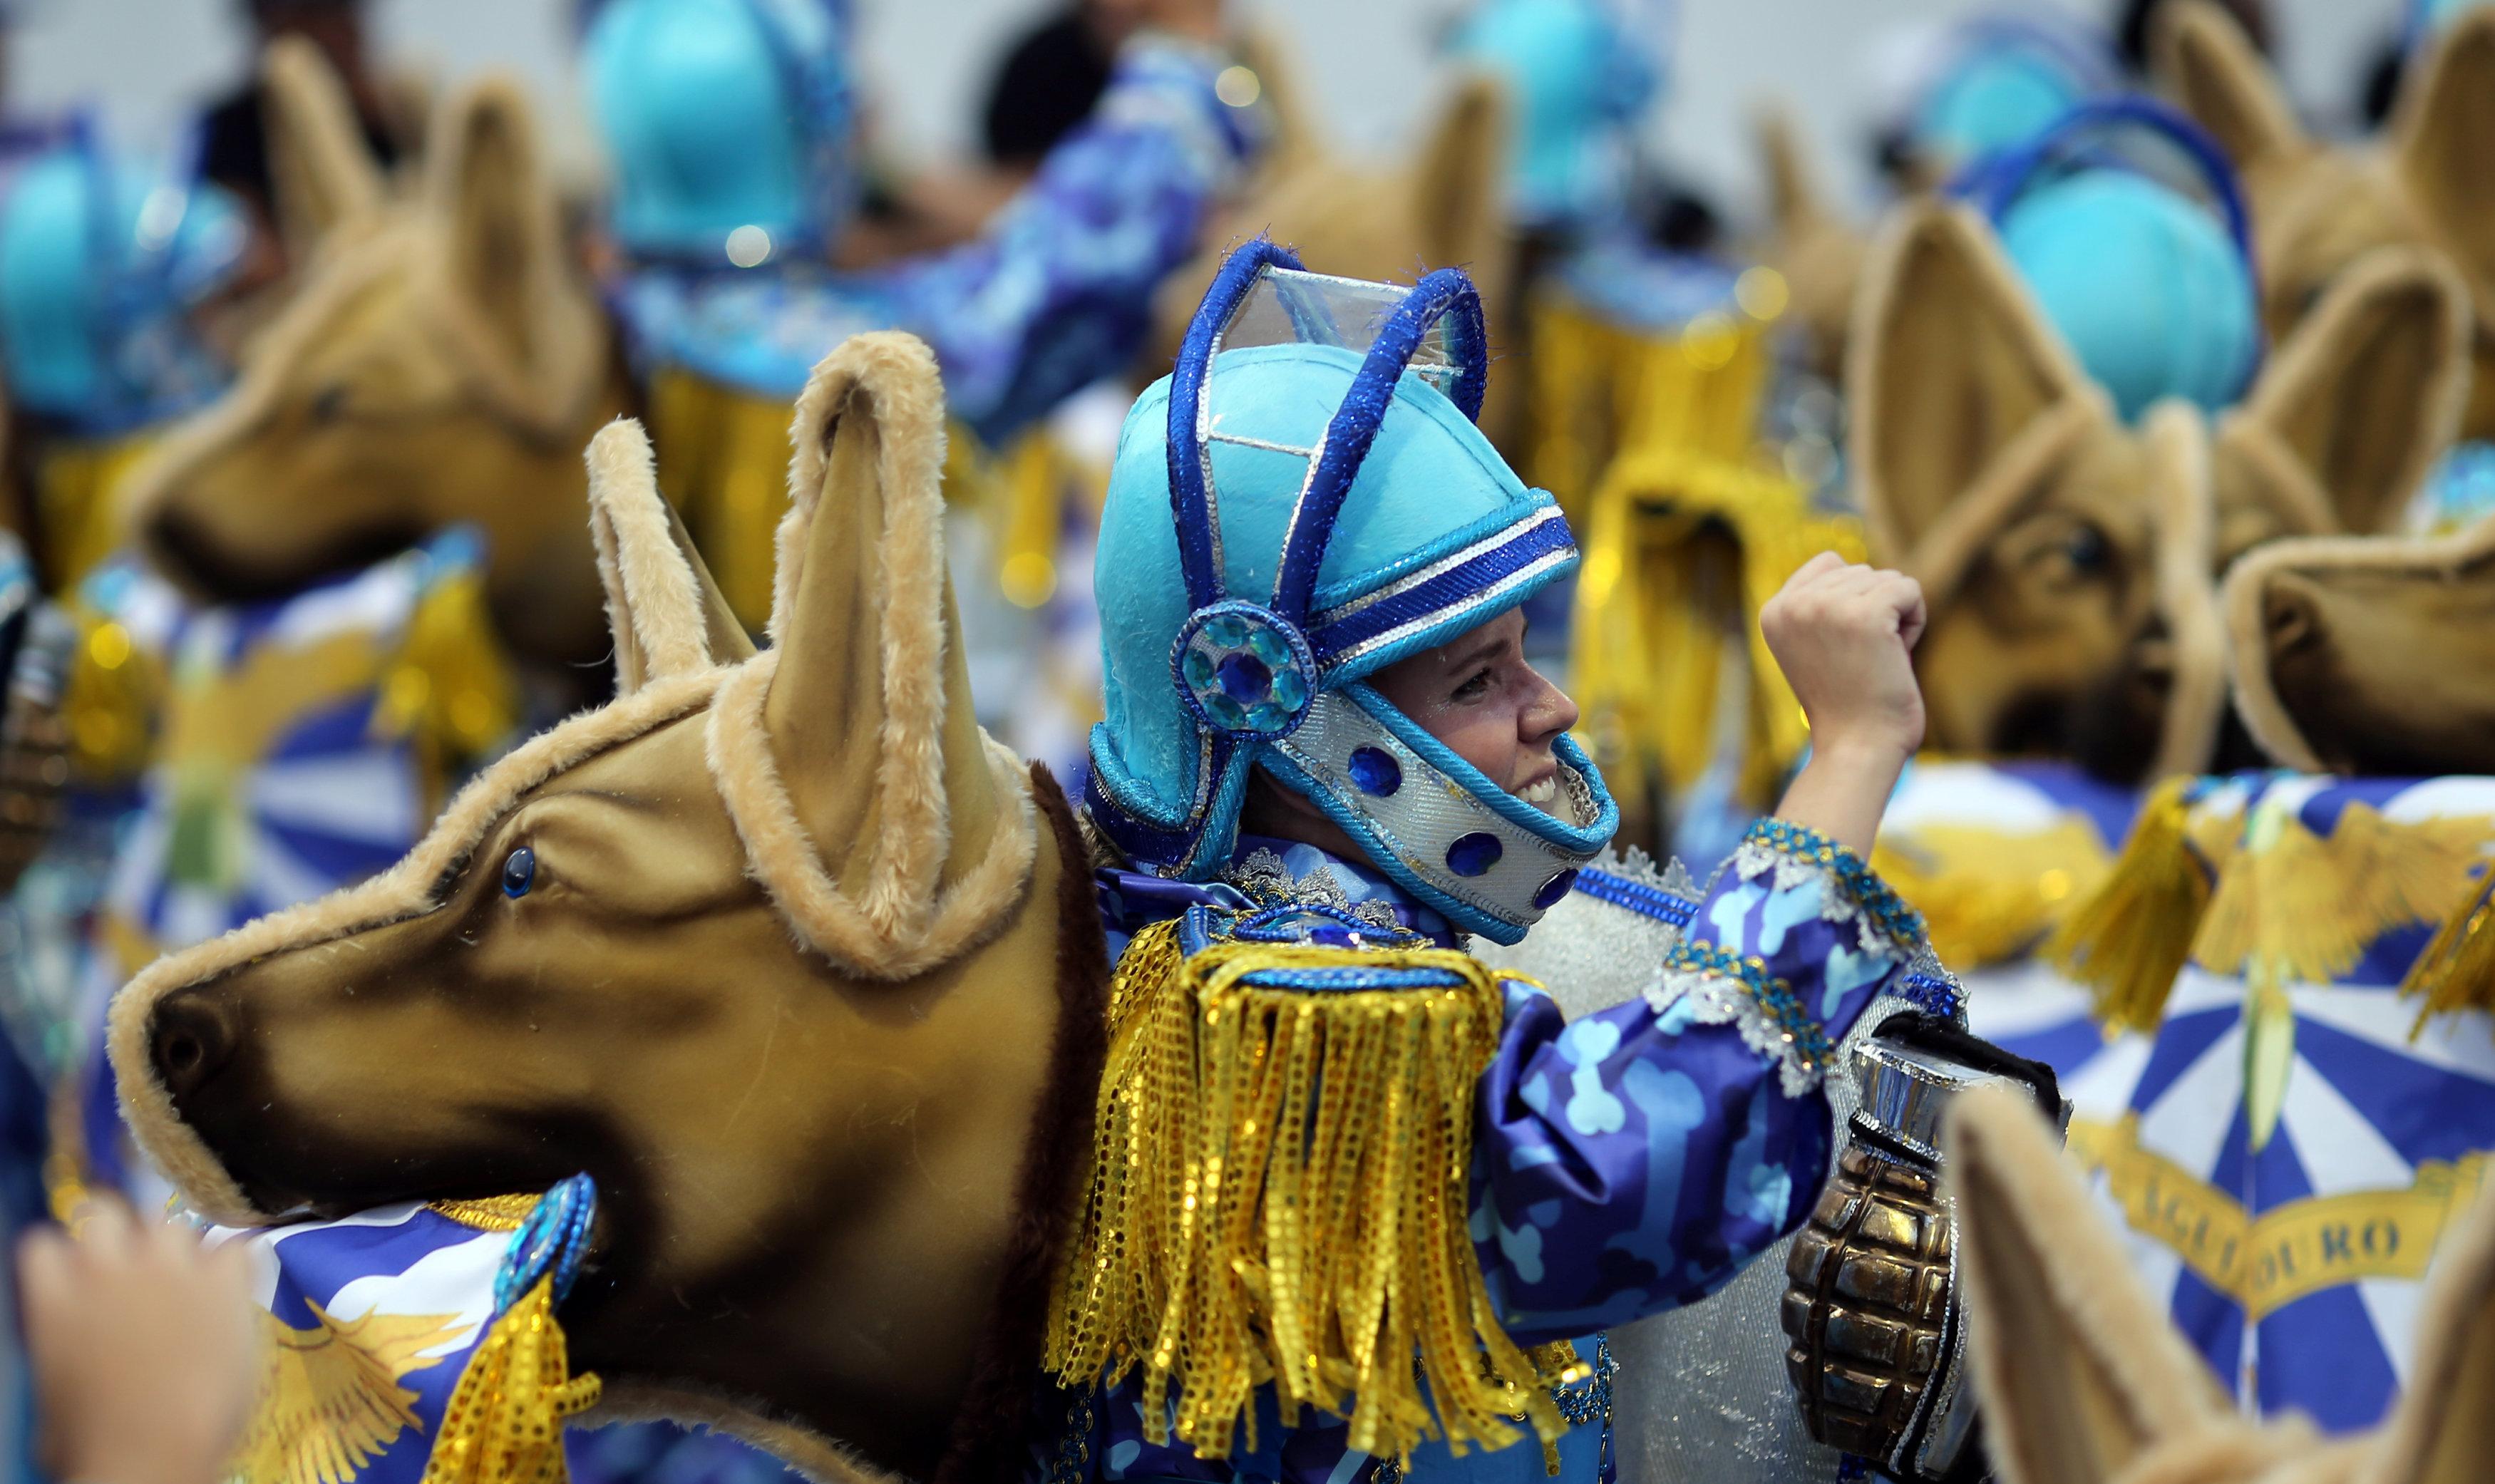 Desfile da Águia de Ouro, rebaixada após cantar o respeito aos animais.